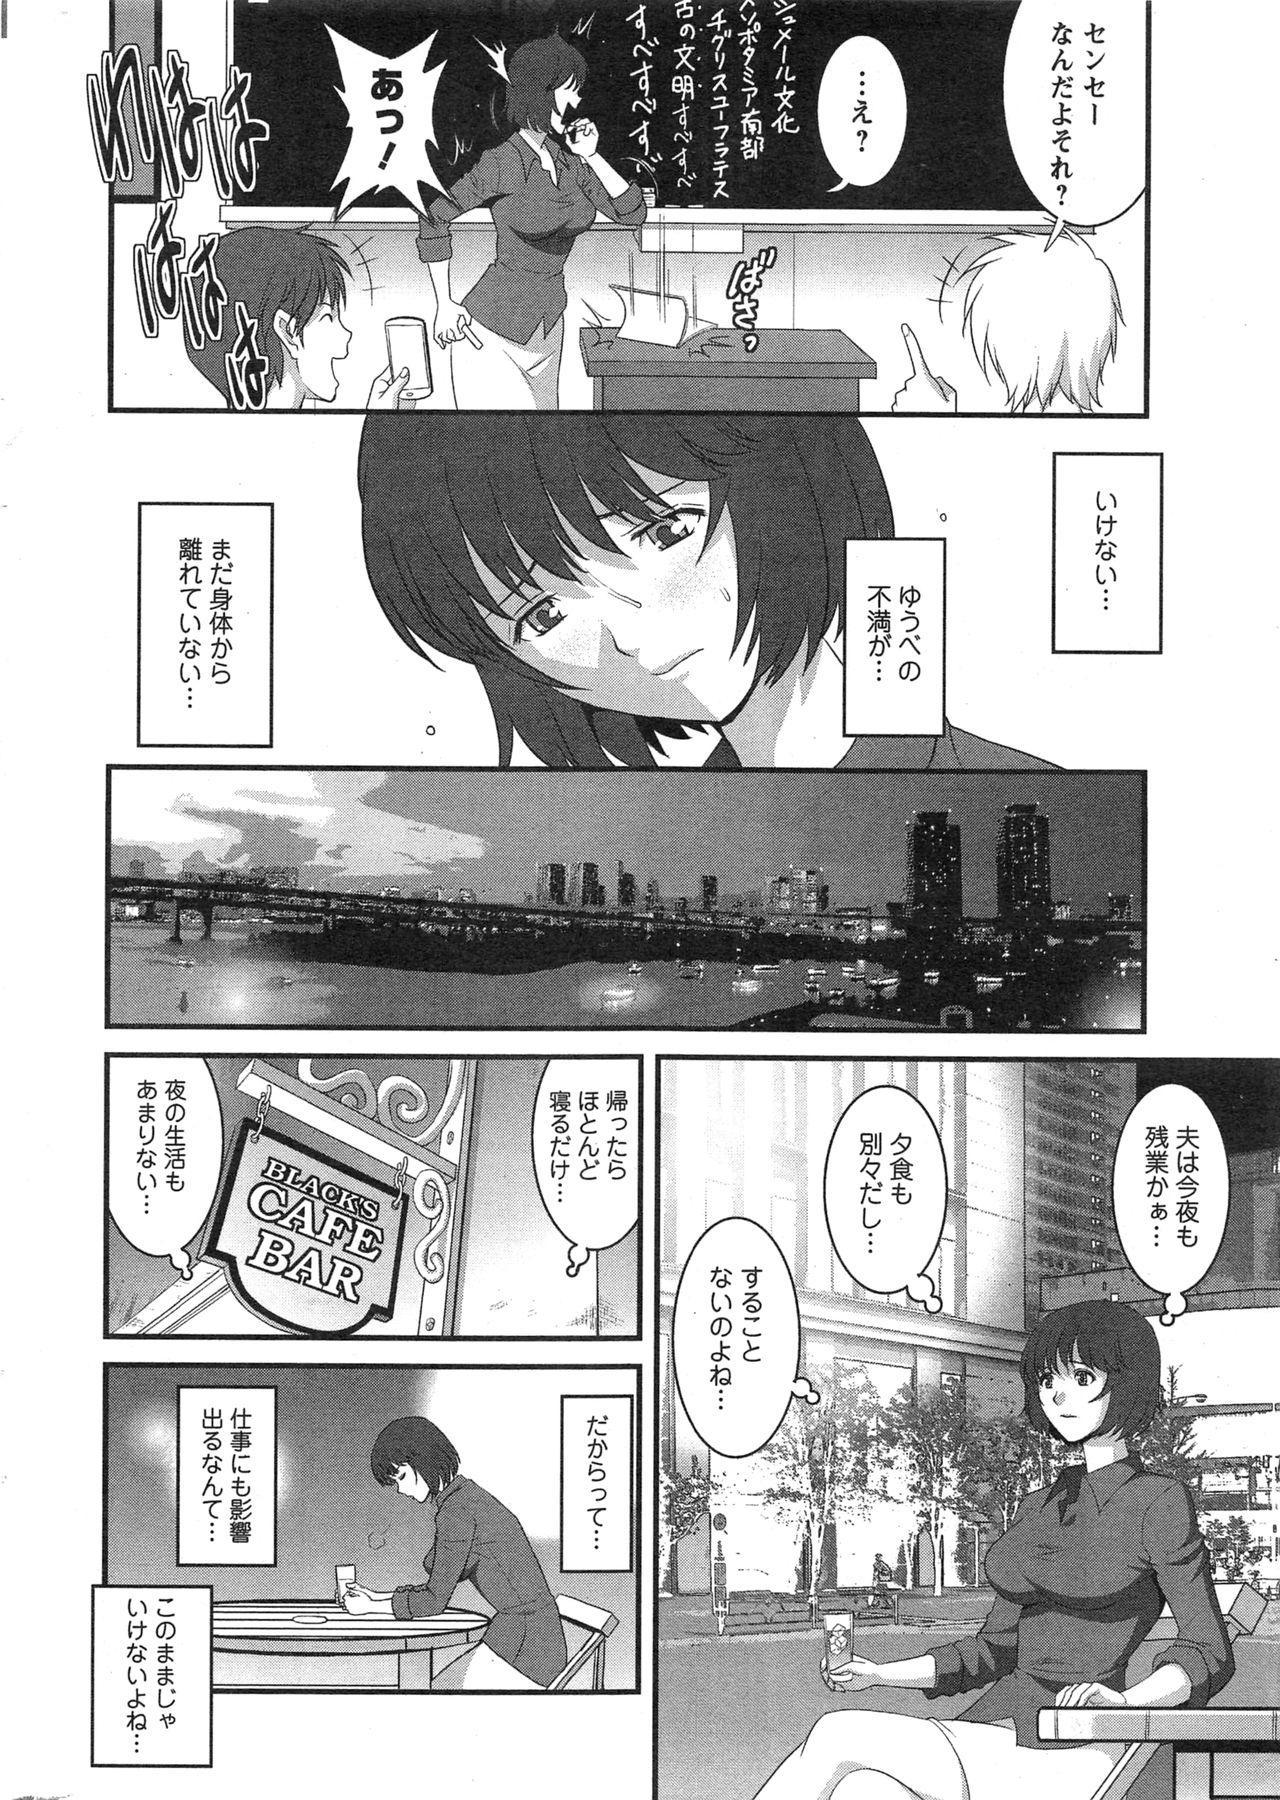 [Saigado] Hitozuma Jokyoushi Main-san Ch.01-10 9